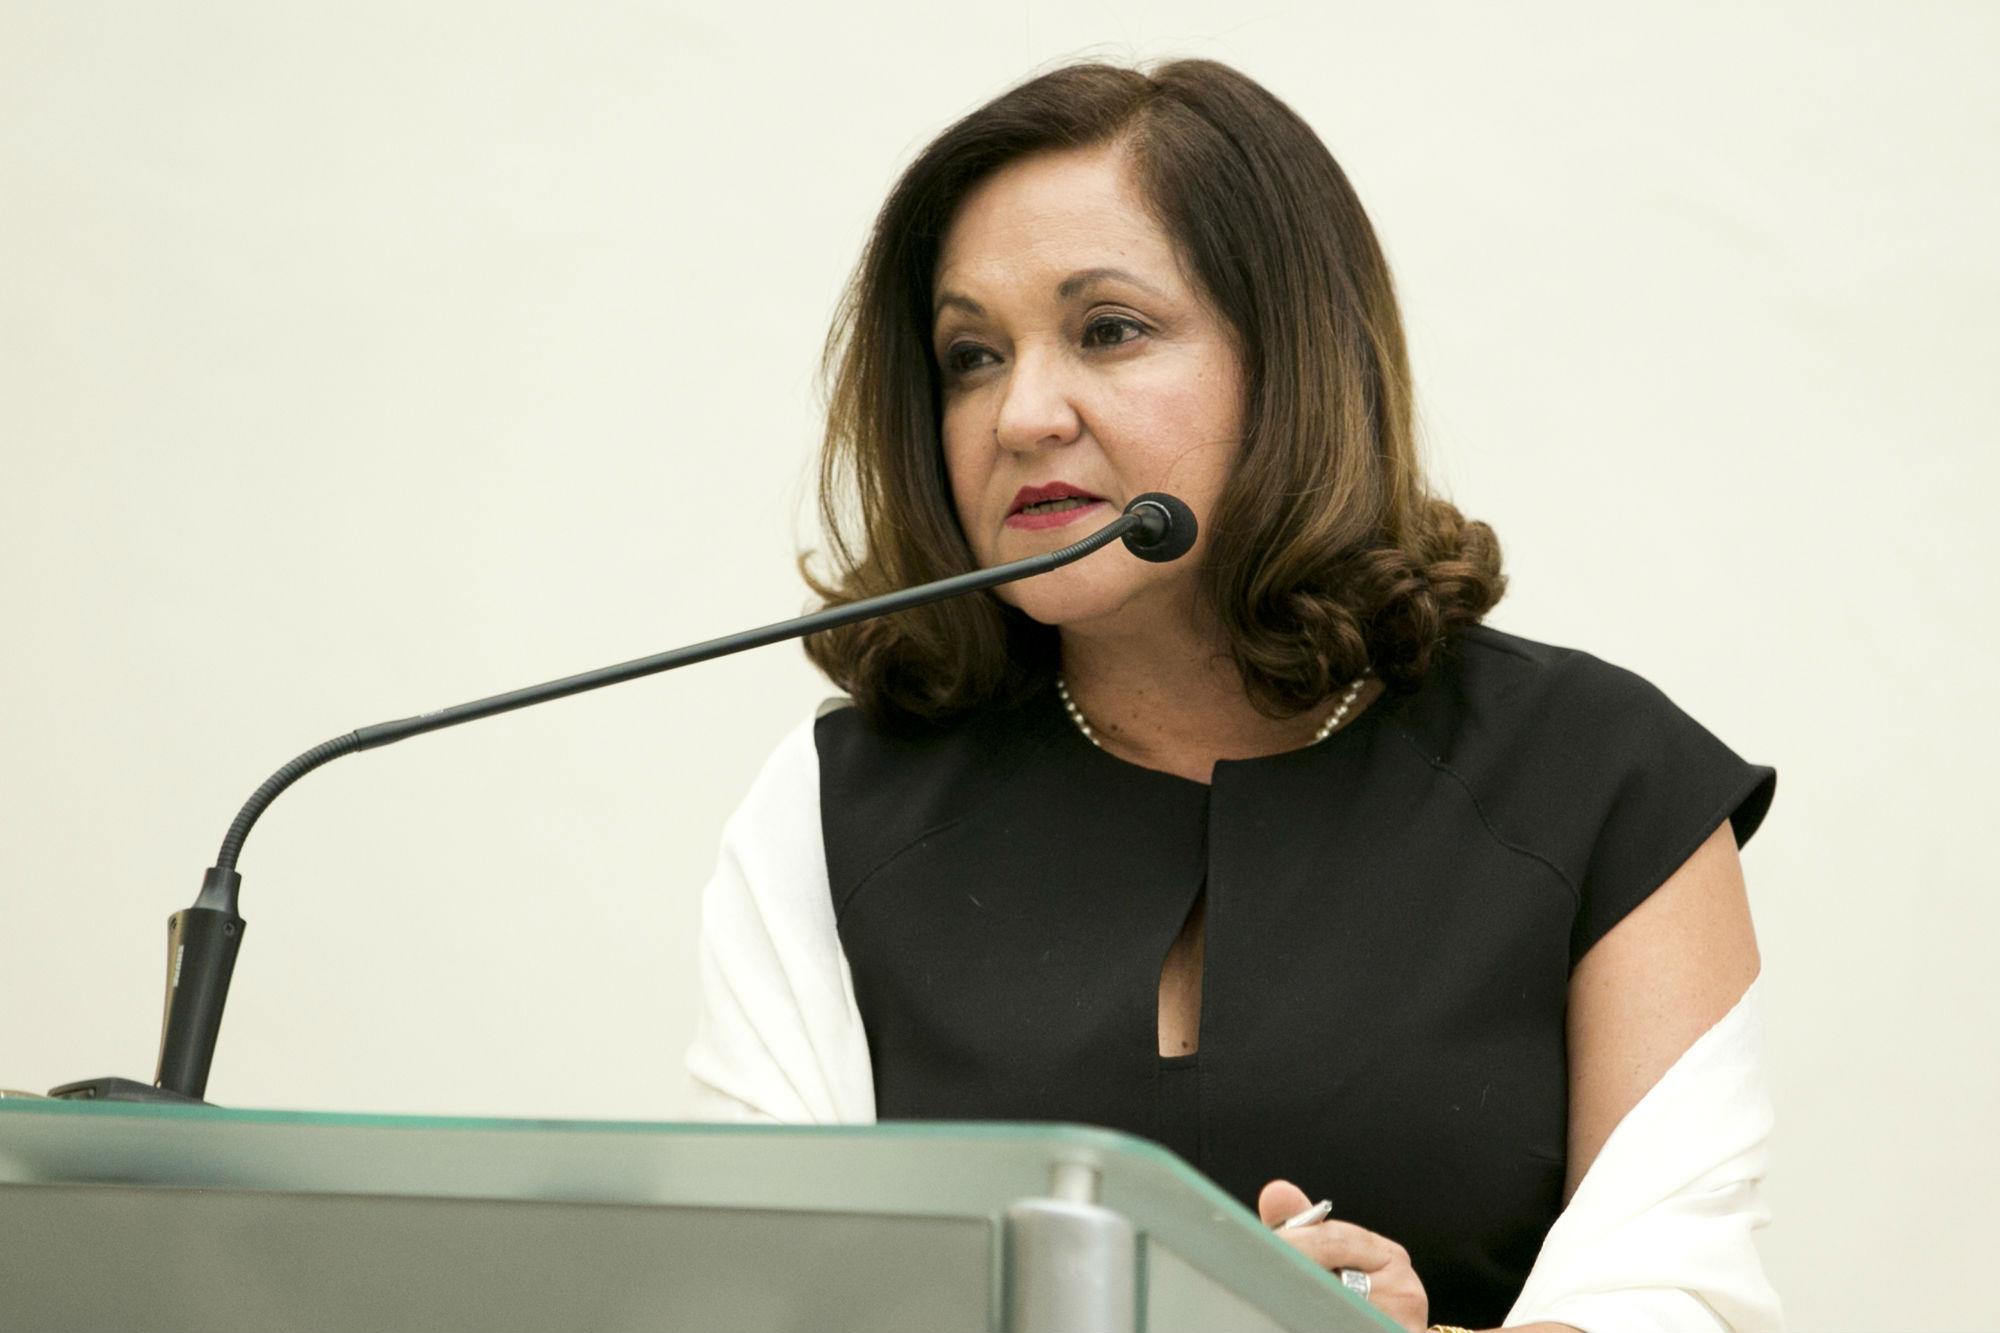 La periodista Sanjuana Martínez dio un mensaje